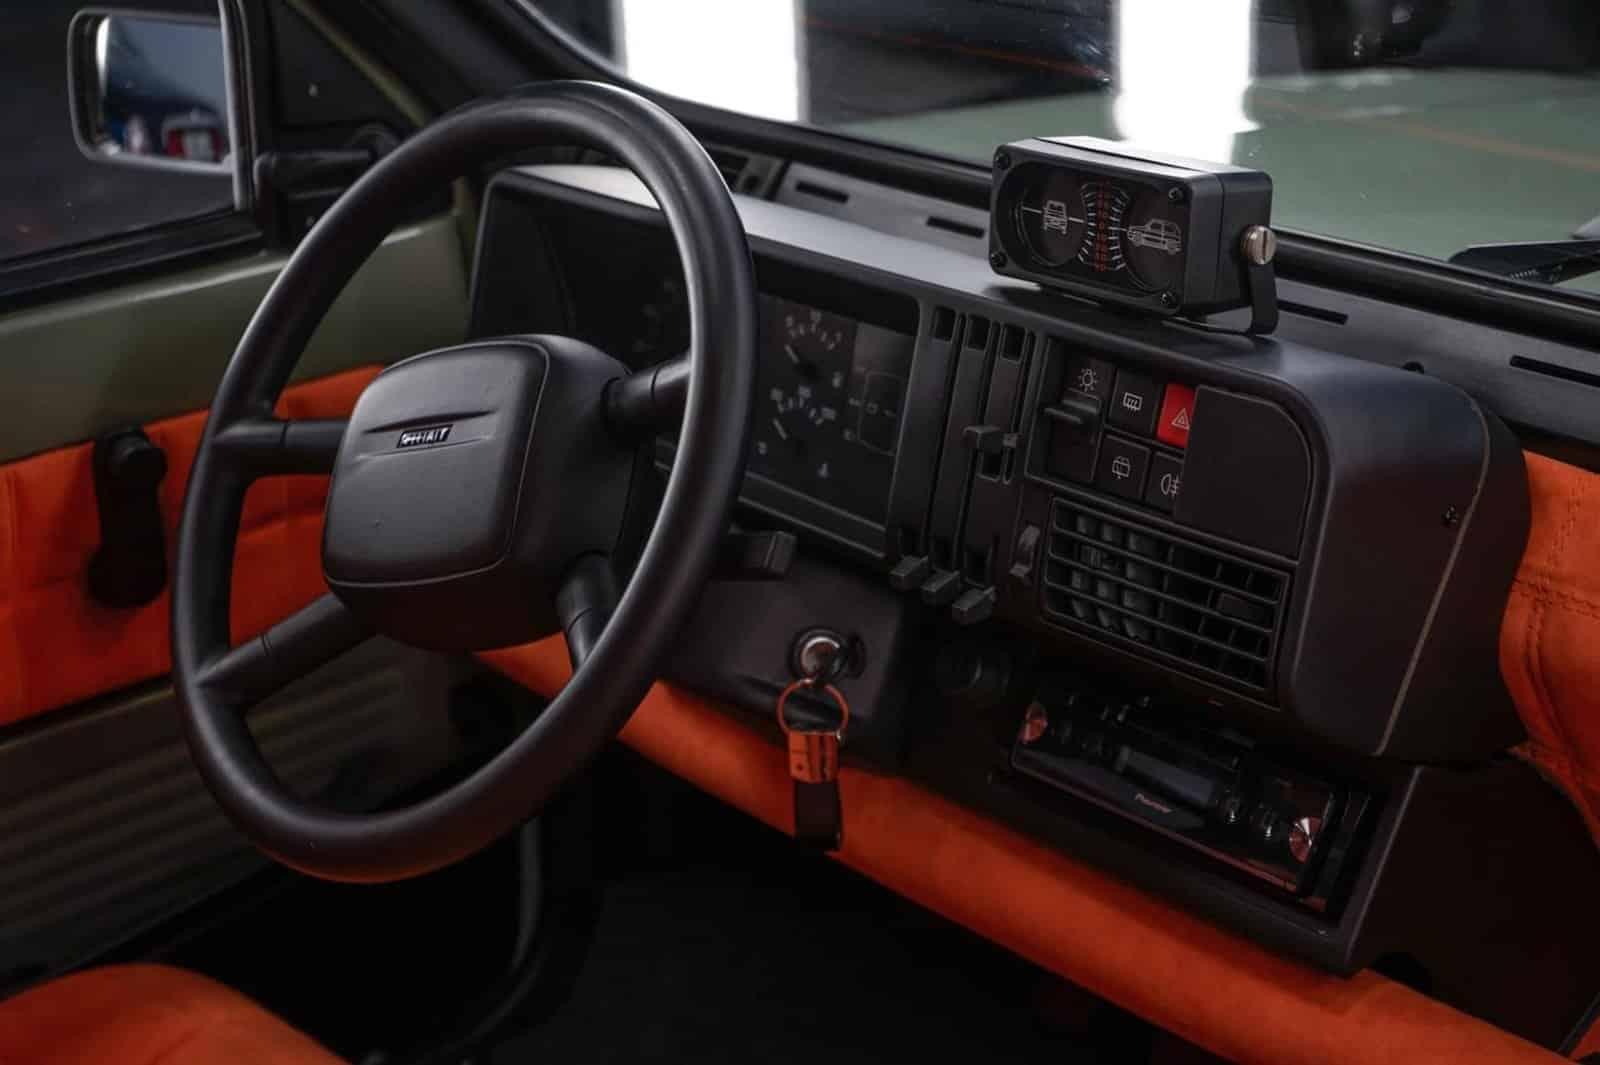 Este Fiat Panda 4 4 Icon E Tiene Mucha Chispa Atento La Electrificacion Y A La Preparacion